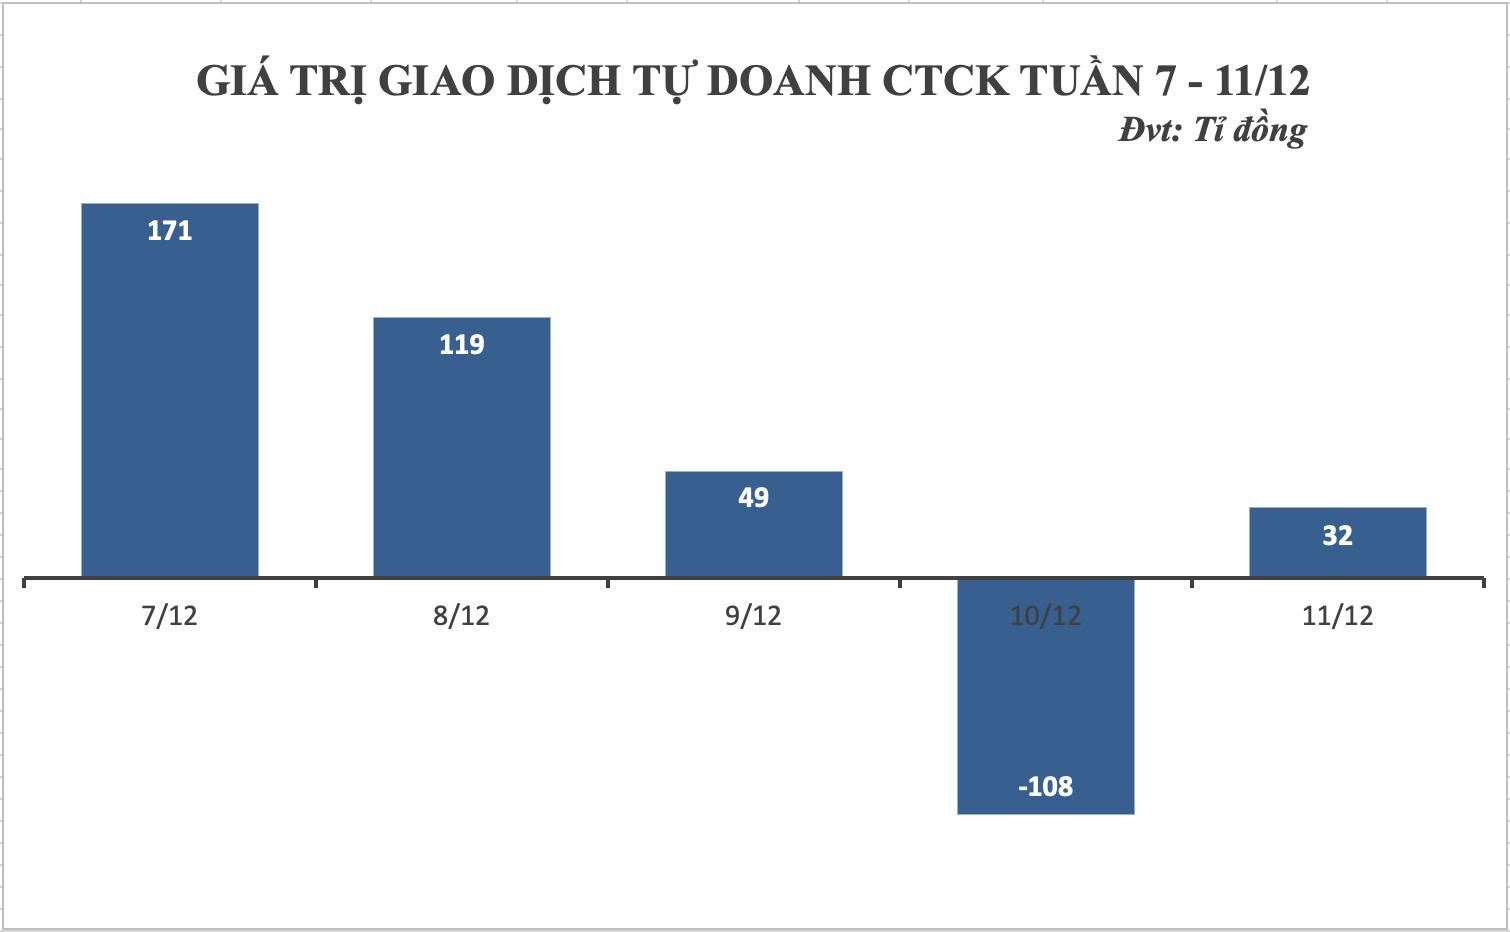 Tuần 7 - 11/12: Tự doanh đảo chiều mua ròng hơn 260 tỷ đồng, tập trung giao dịch HPG - Ảnh 1.